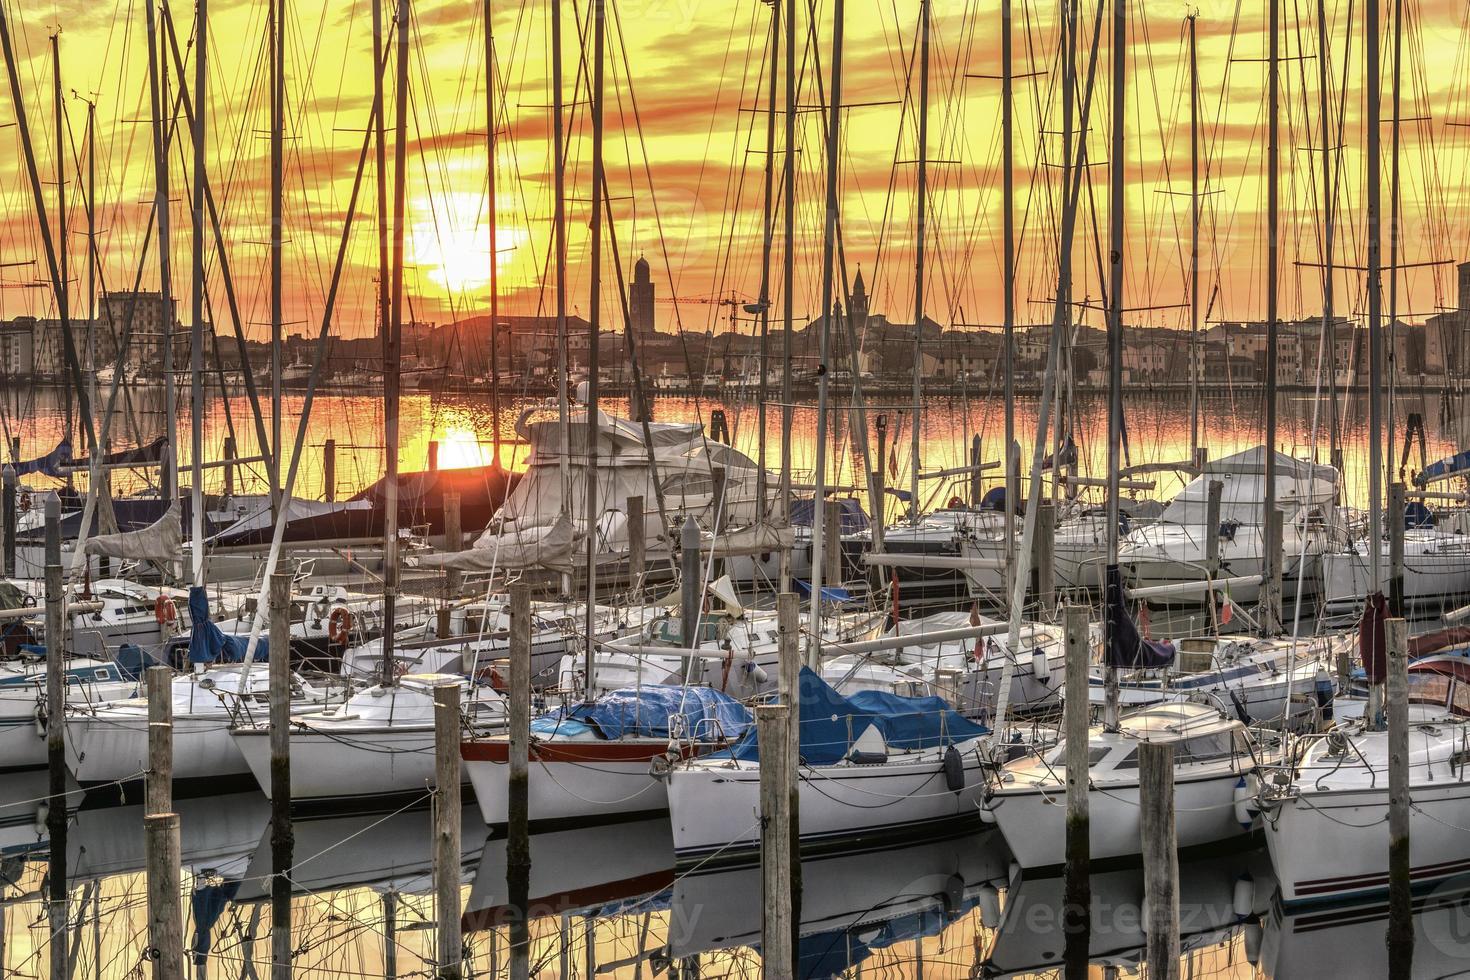 porto di chioggia, venezia italia foto